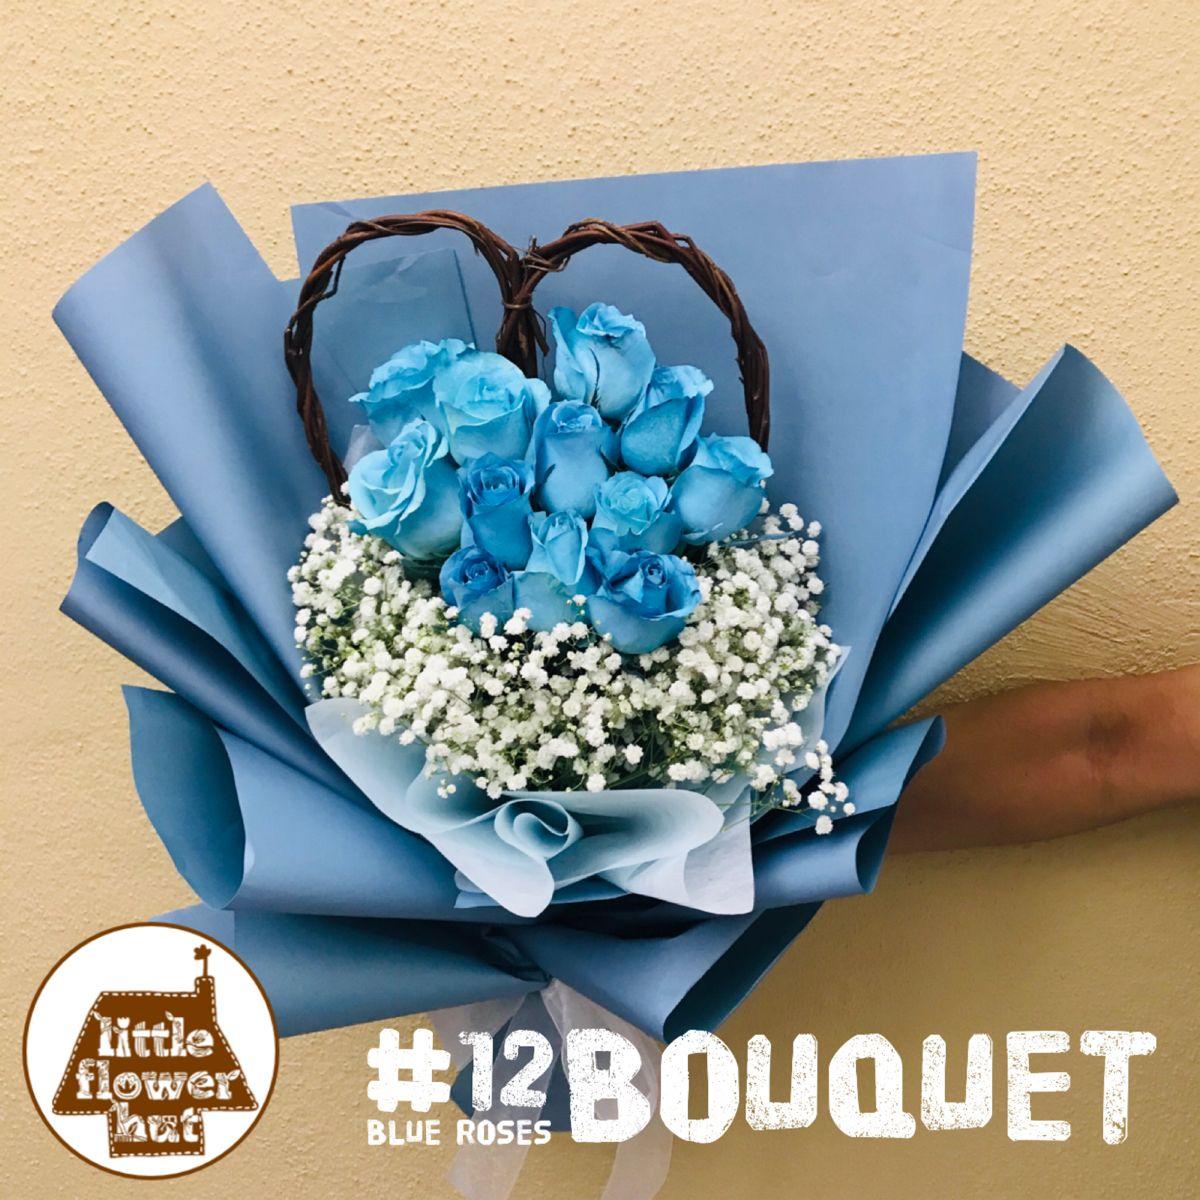 Premium Quality Hand Bouquet Singapore Little Flower Hut